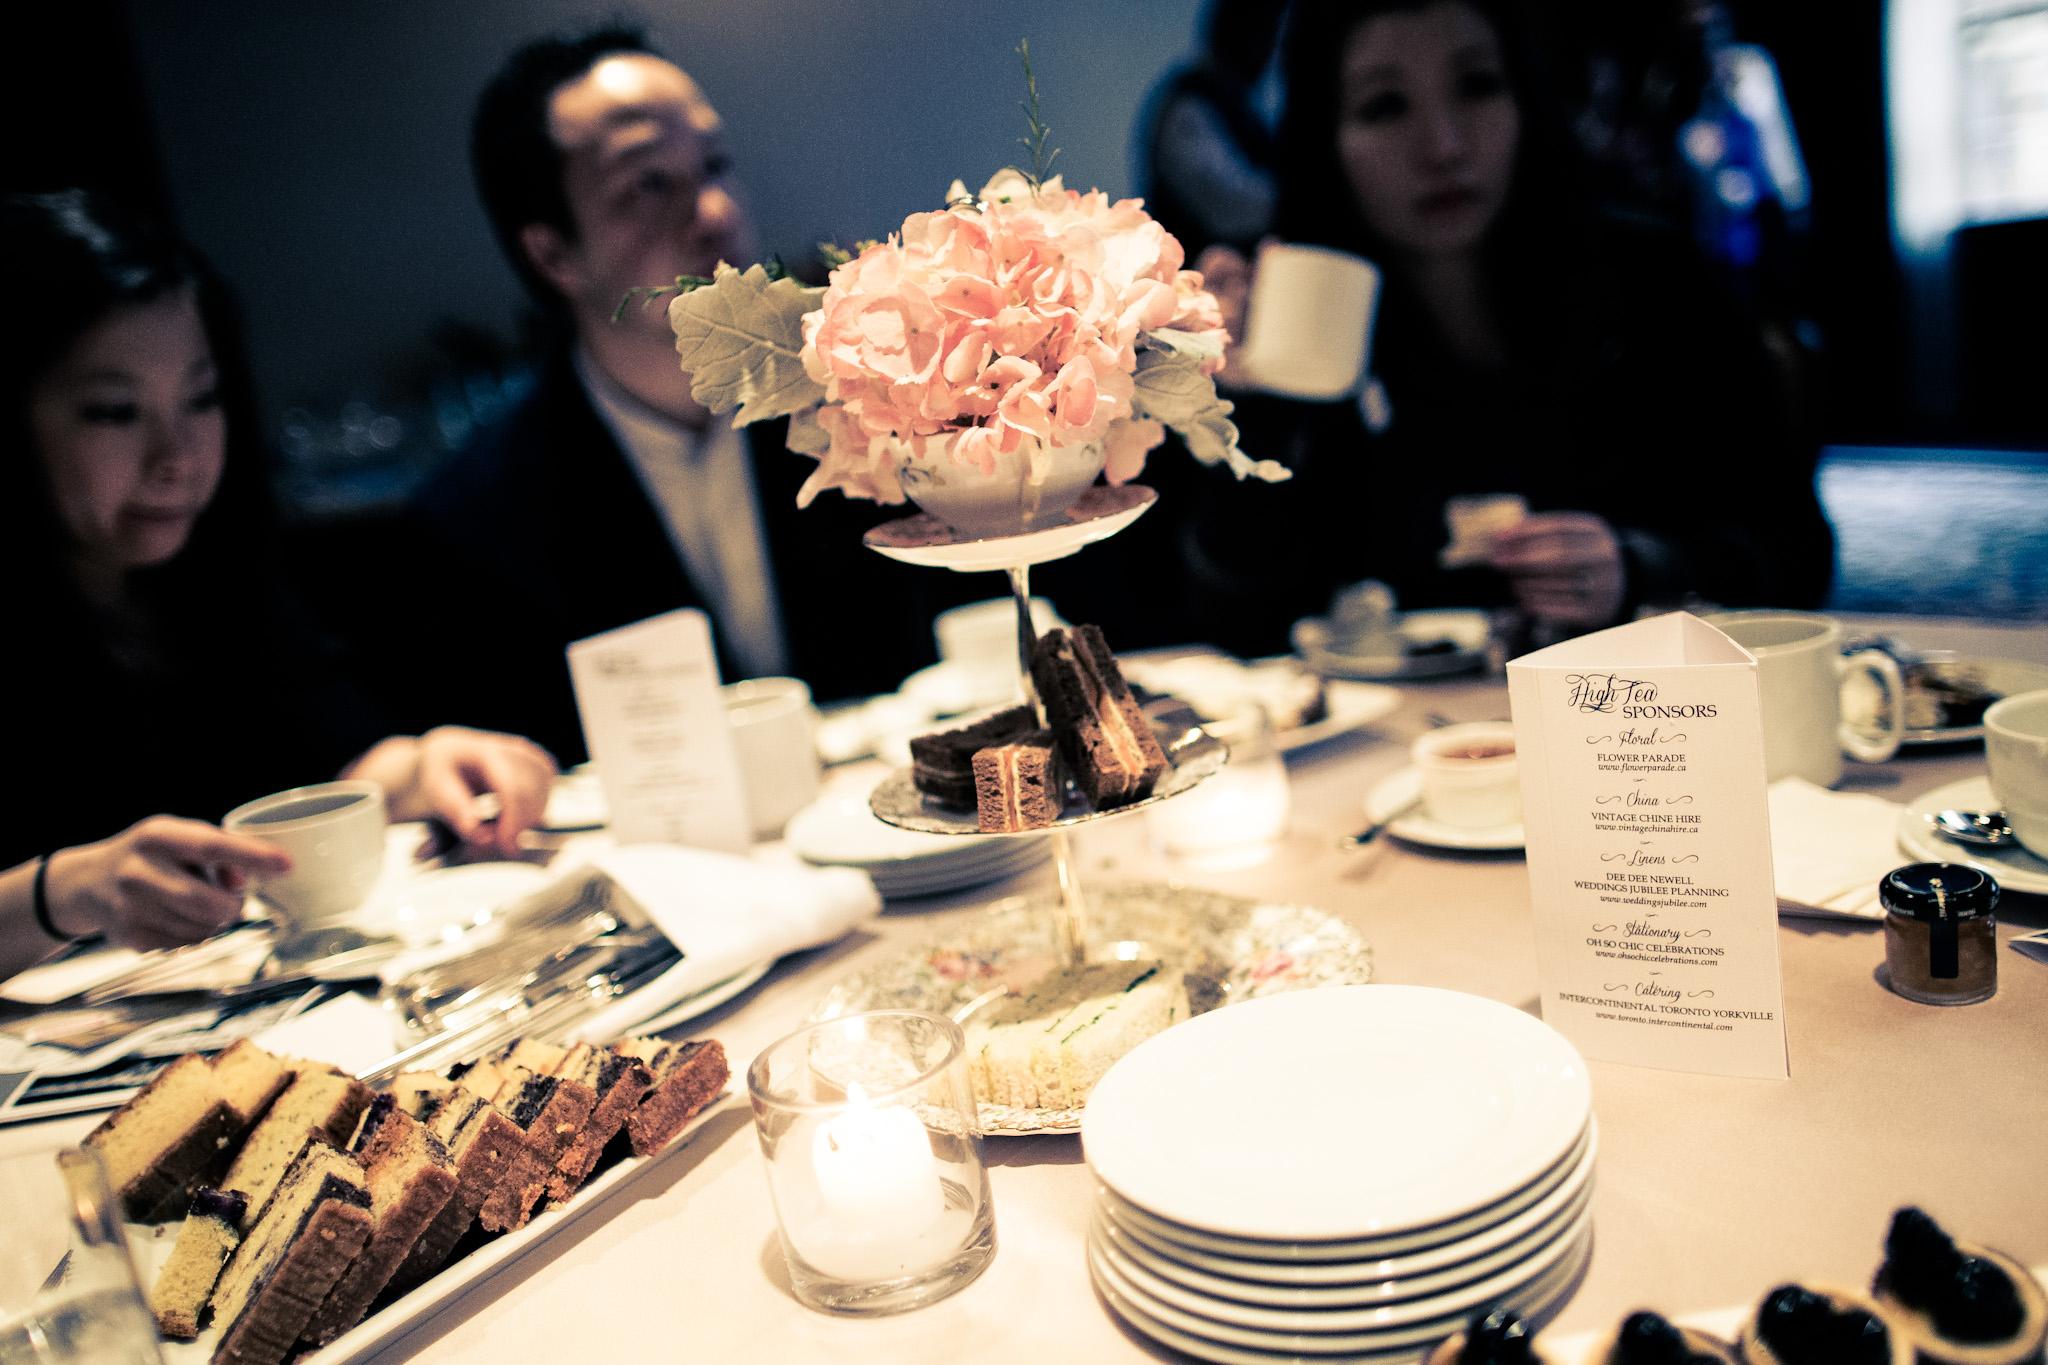 original-wedding-soiree-toronto-weddings-show-shows-event-events (5).jpg